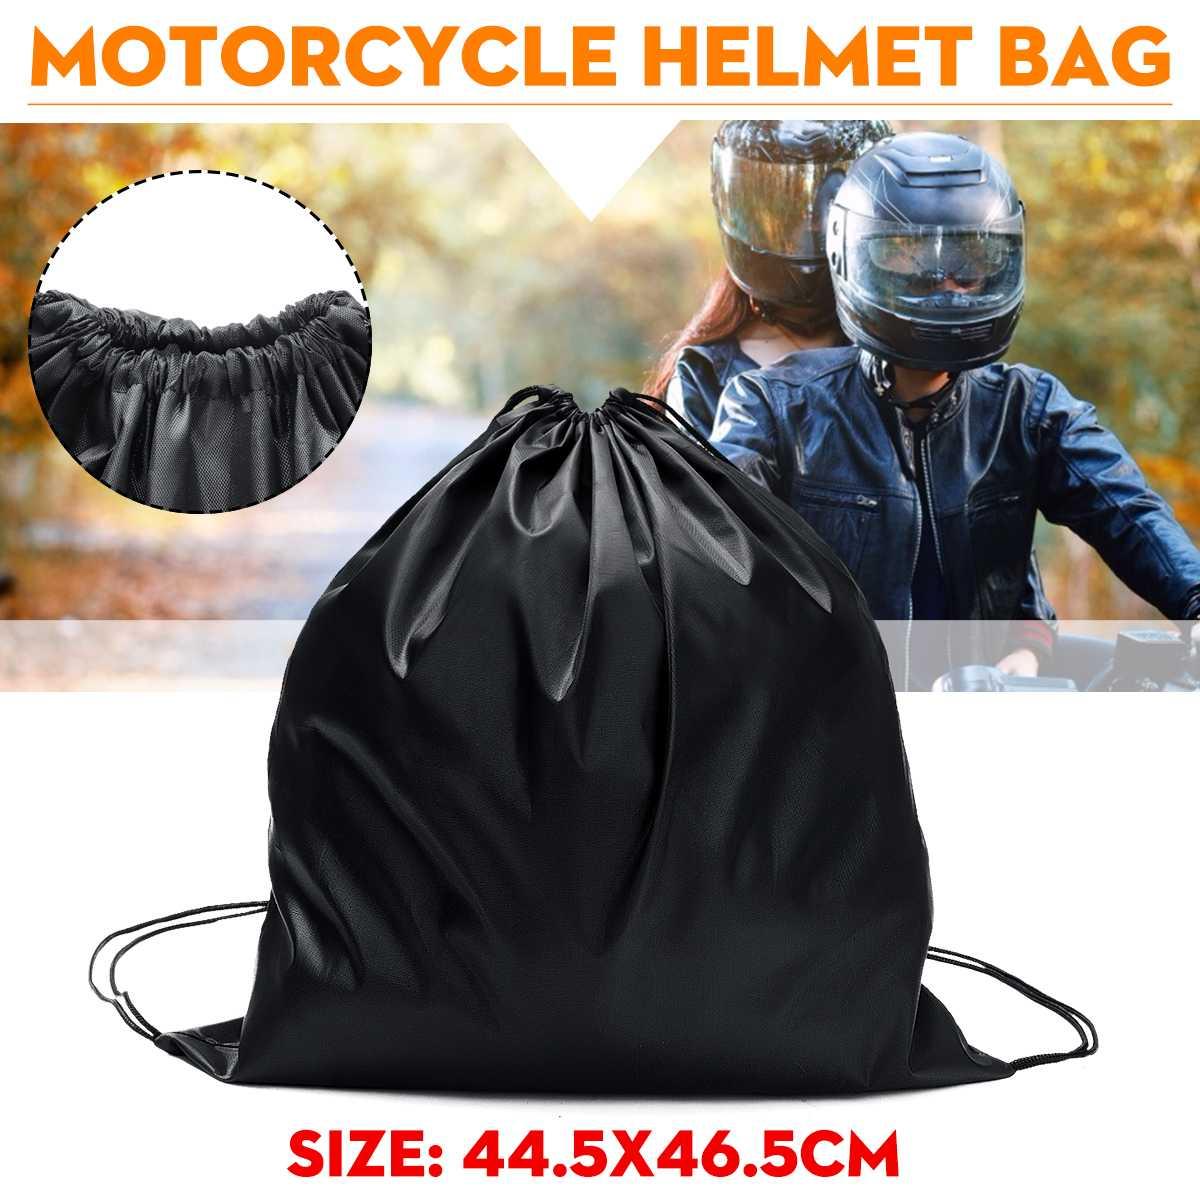 47x45 см Оксфорд мотоциклетный Скутер мопед шлем Защитная сумка для хранения баскетбольная сумка карман для переноски